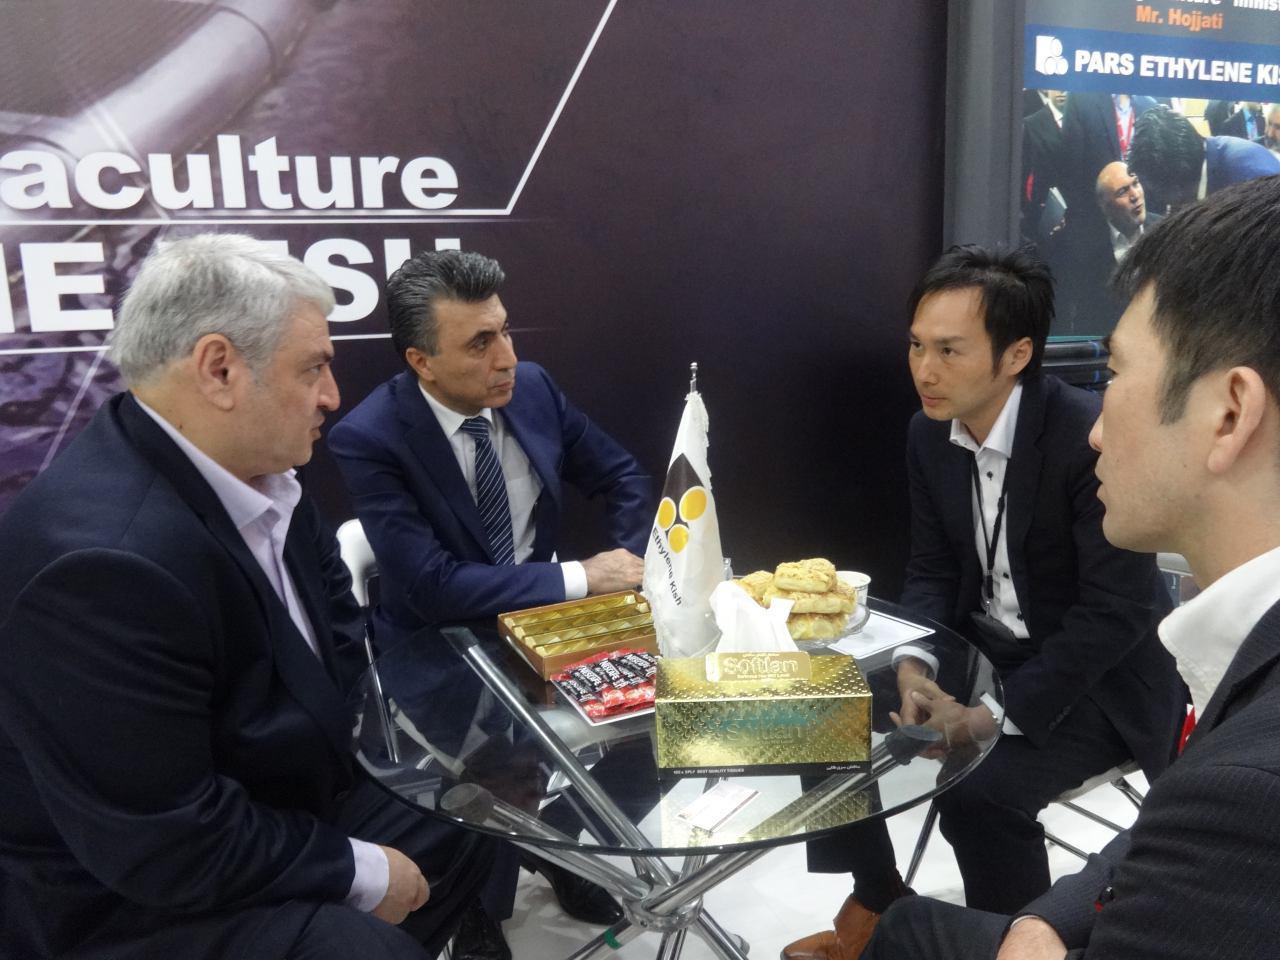 بازدید مقامات عالی رتبه لشگری و کشوری از پارس اتیلن کیش